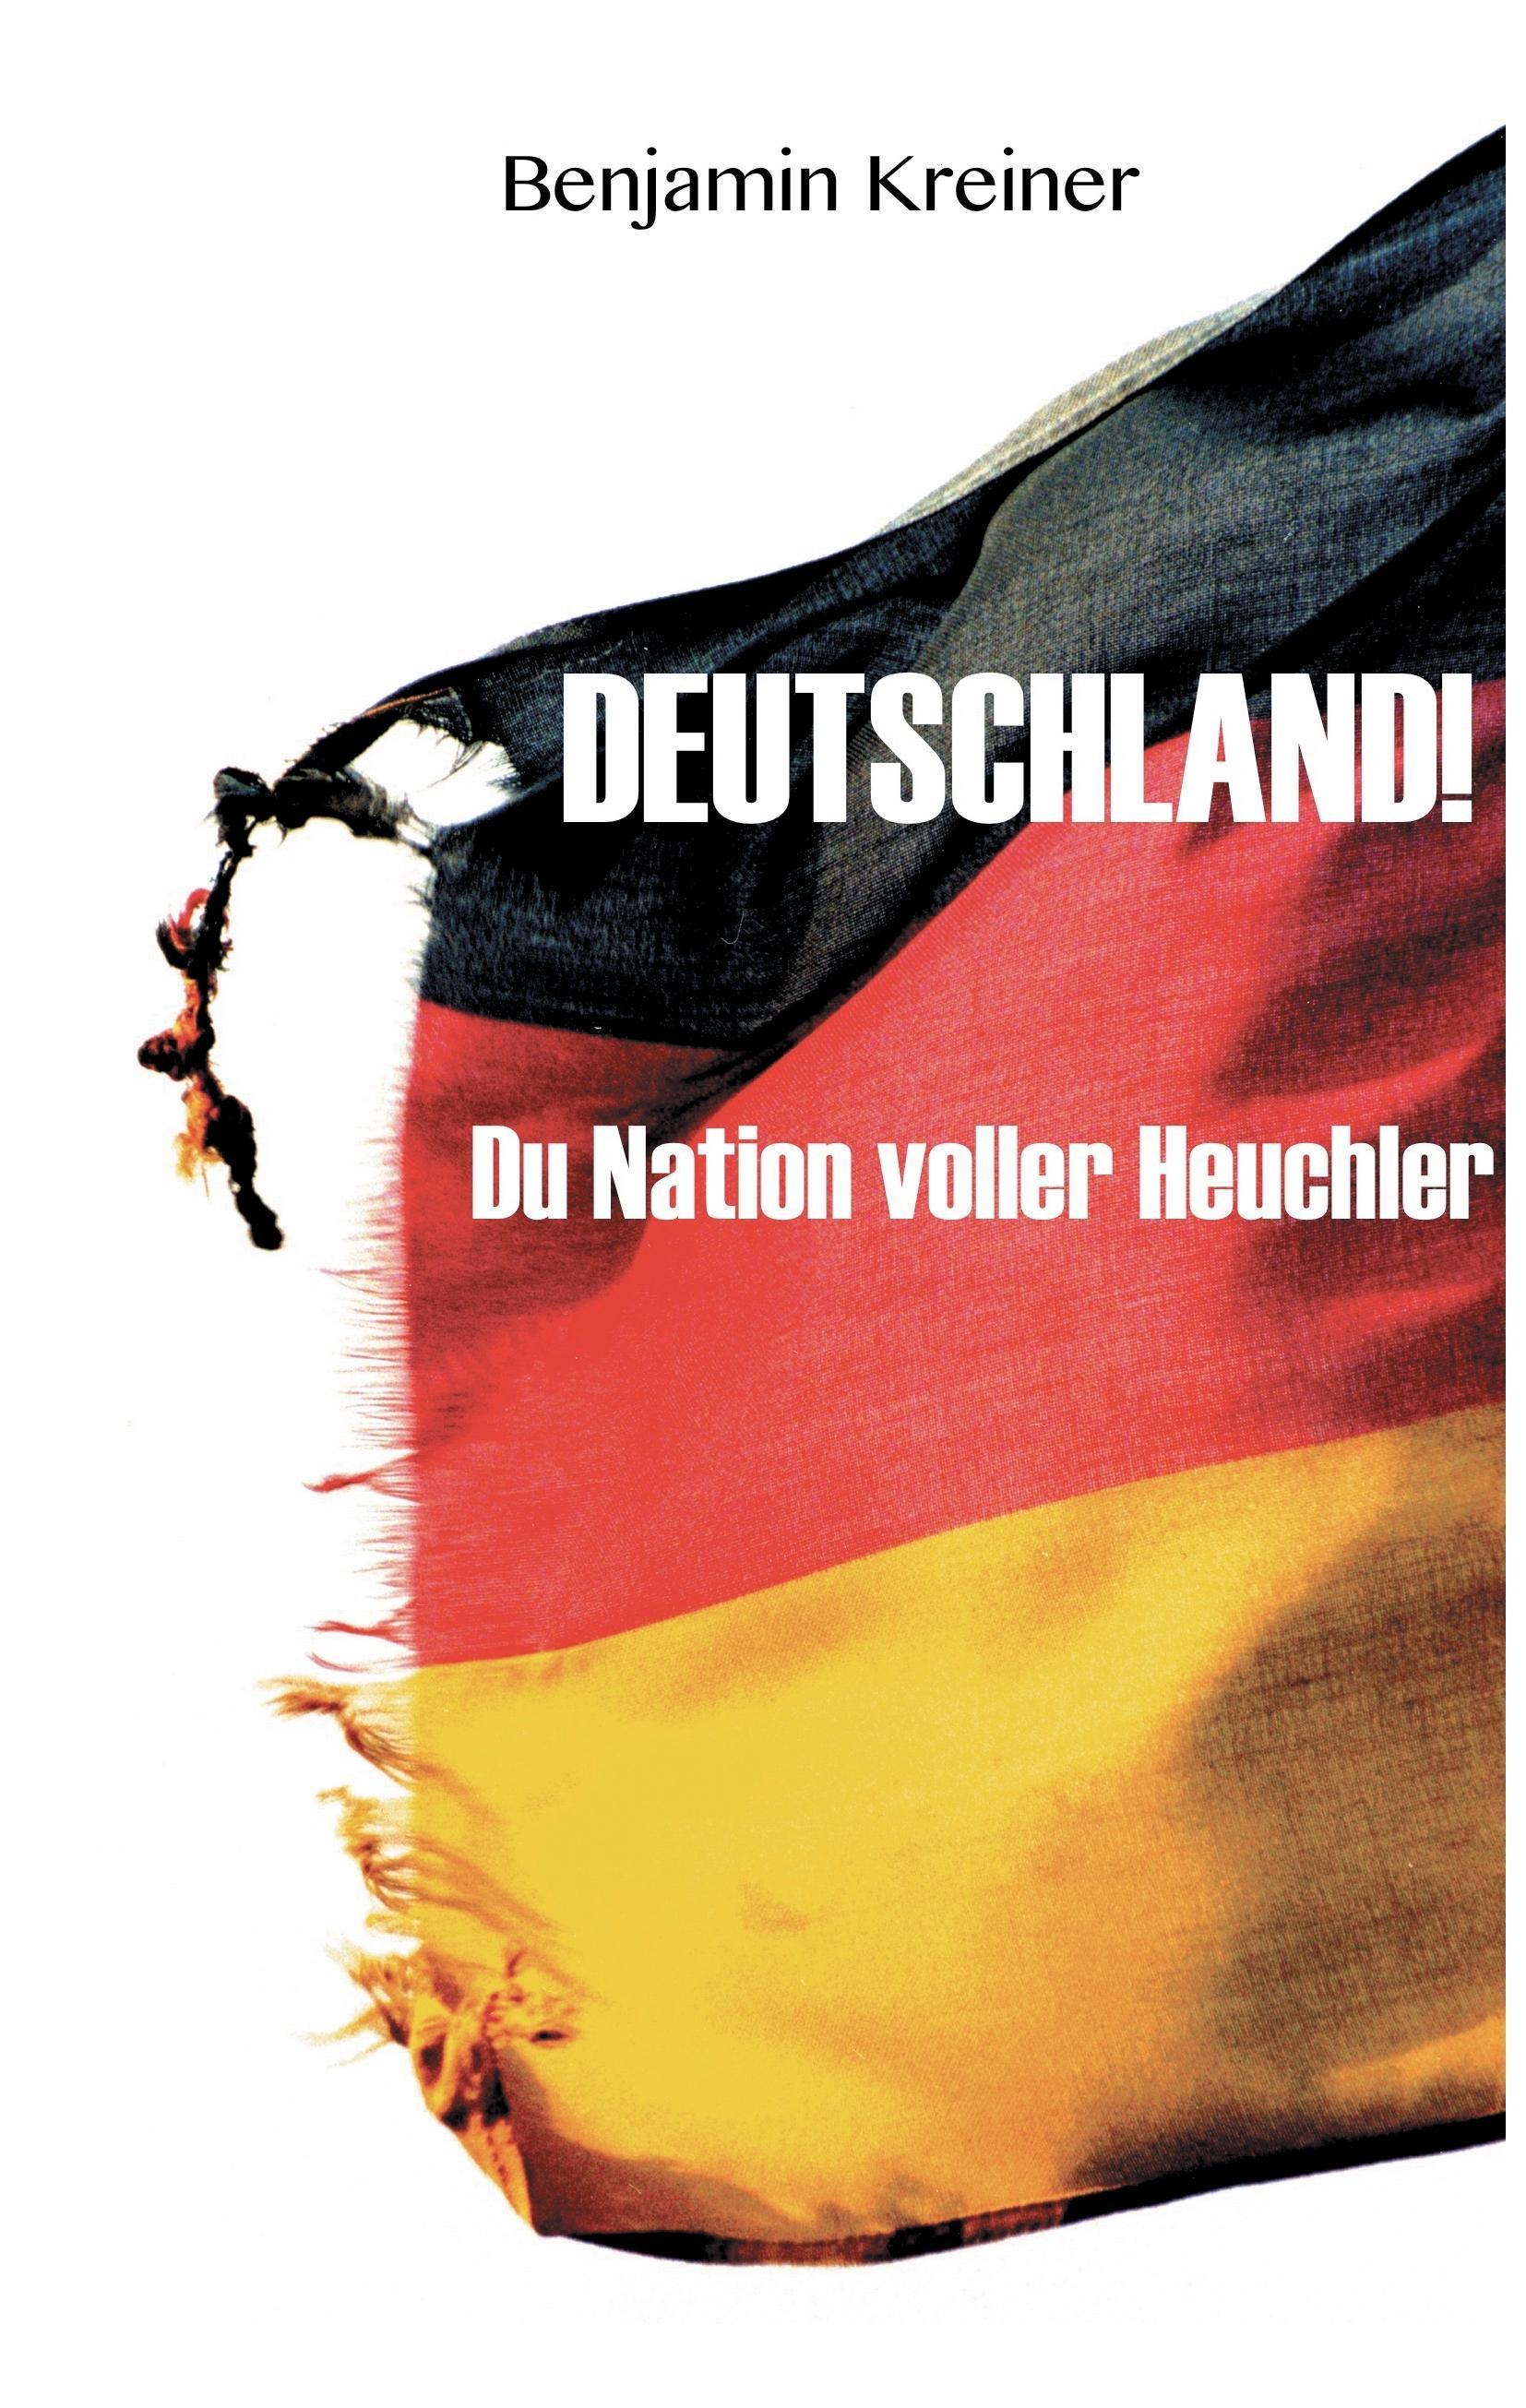 Deutschland! Du Nation voller Heuchler